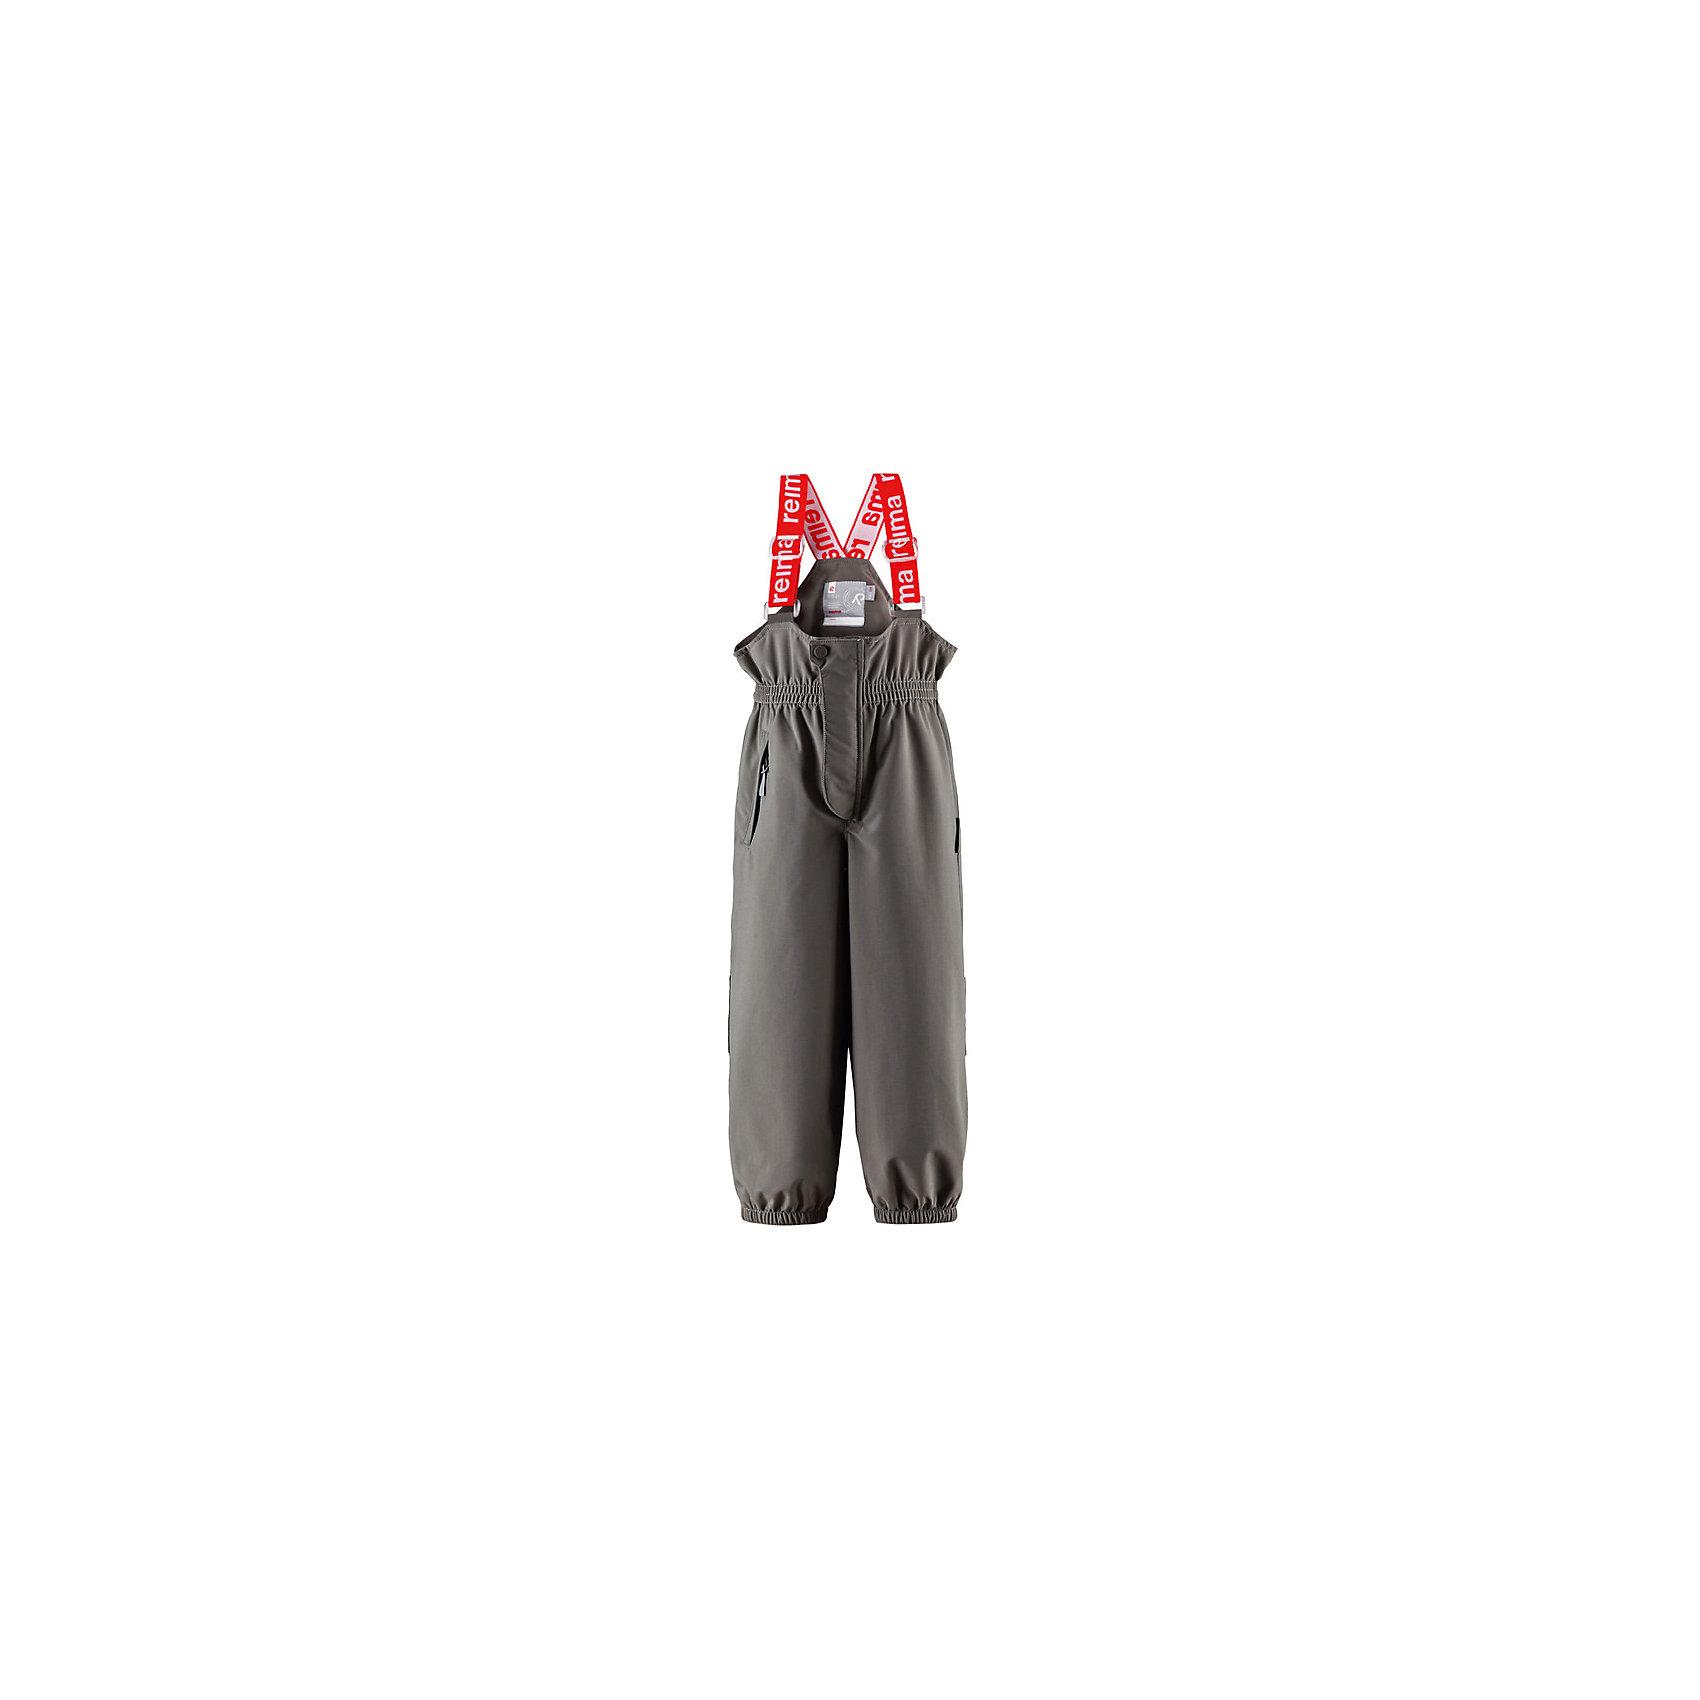 Брюки Reimatec®  ReimaВодонепроницаемые, дышащие брюки для детей на любую погоду с удобными подтяжками – абсолютно необходимая вещь для прогулок на воздухе в межсезонье. Эта модель защищает спину и подходит для использования в зимнее время, нужно только добавить средних слоев под низ для дополнительного тепла. Эластичный пояс и регулируемые подтяжки гарантируют хорошую посадку по фигуре, а износостойкие силиконовые штрипки фиксируют низ брючин на месте, независимо от вида деятельности!<br><br>-Демисезонные непромокаемые брюки для детей, модель в стиле ORIGINAL<br>-Все швы проклеены для создания водонепроницаемости<br>-Прочный материал<br>-Высокая эластичная талия <br>-Регулируемые подтяжки<br>-Один карман на молнии<br>-Прочные силиконовые штрипки<br>-Водонепроницаемость выше 10000 мм<br>Состав:100% Полиамид, Полиуретан-покрытие<br><br>Брюки Reimatec® (Рейматек) Reima (Рейма) можно купить в нашем магазине.<br><br>Ширина мм: 215<br>Глубина мм: 88<br>Высота мм: 191<br>Вес г: 336<br>Цвет: серый<br>Возраст от месяцев: 18<br>Возраст до месяцев: 24<br>Пол: Унисекс<br>Возраст: Детский<br>Размер: 152,146,92,110,116,122,140,98,128,134,104<br>SKU: 3997845